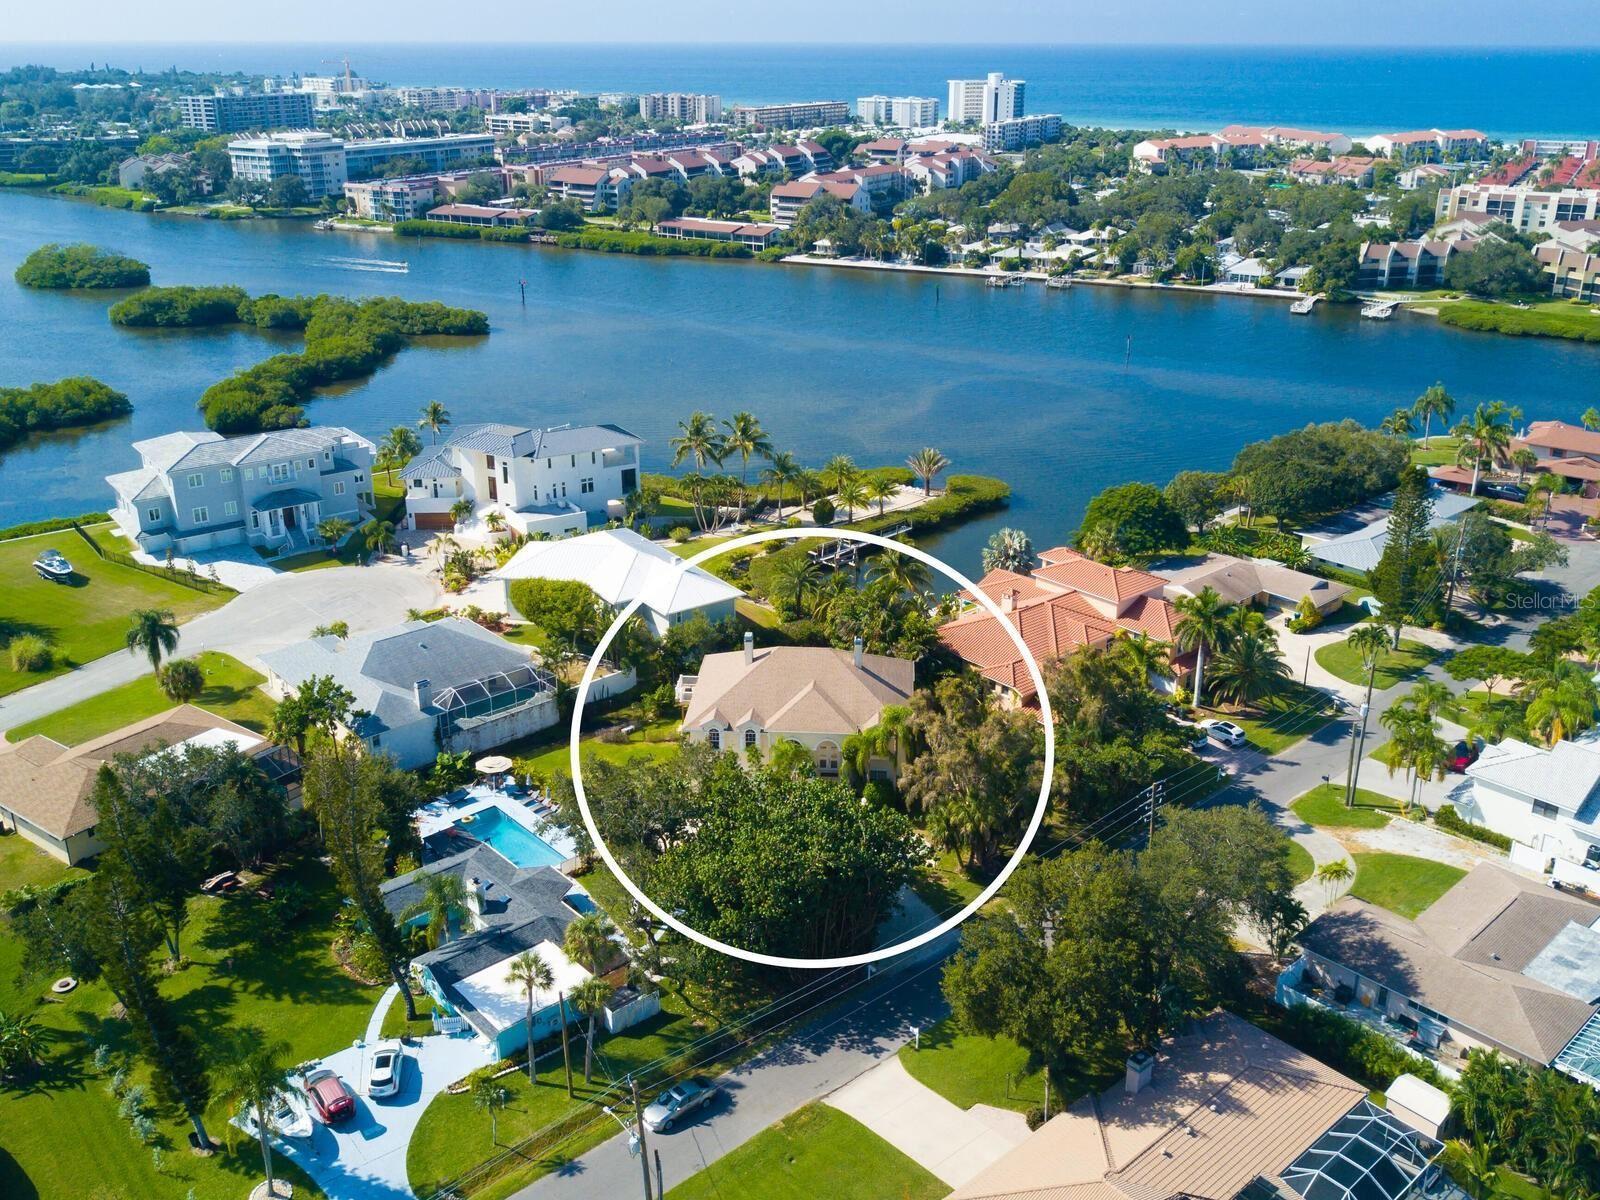 1520 RIDGEWOOD LANE, Sarasota, FL 34231 - #: A4514956